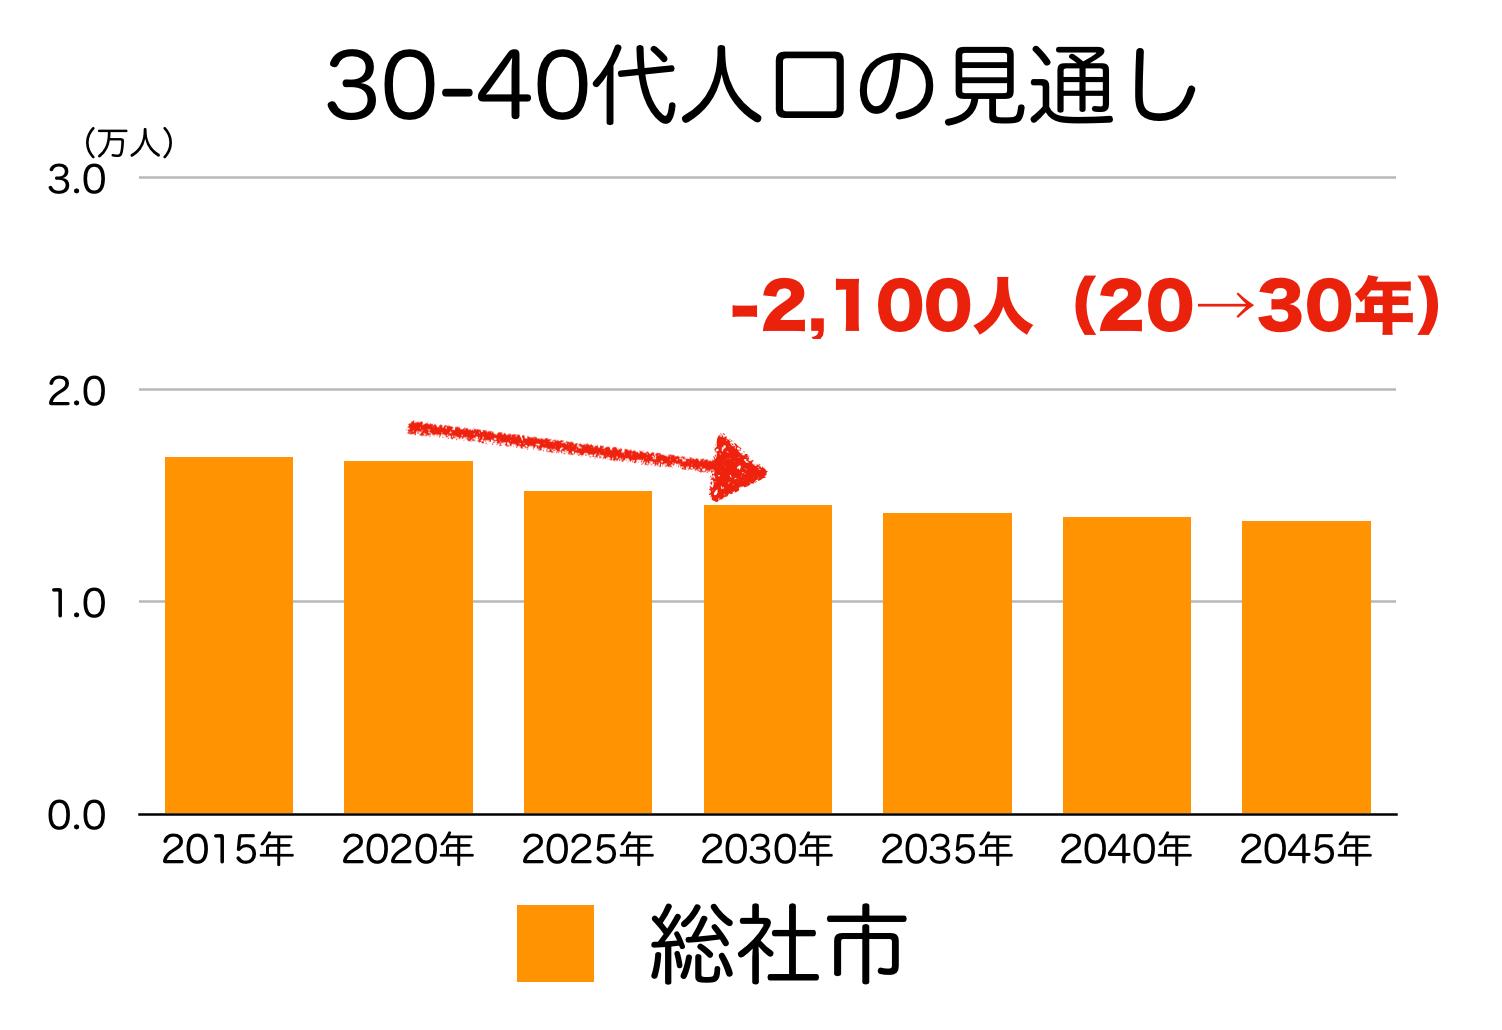 総社市の30〜40代人口の予測